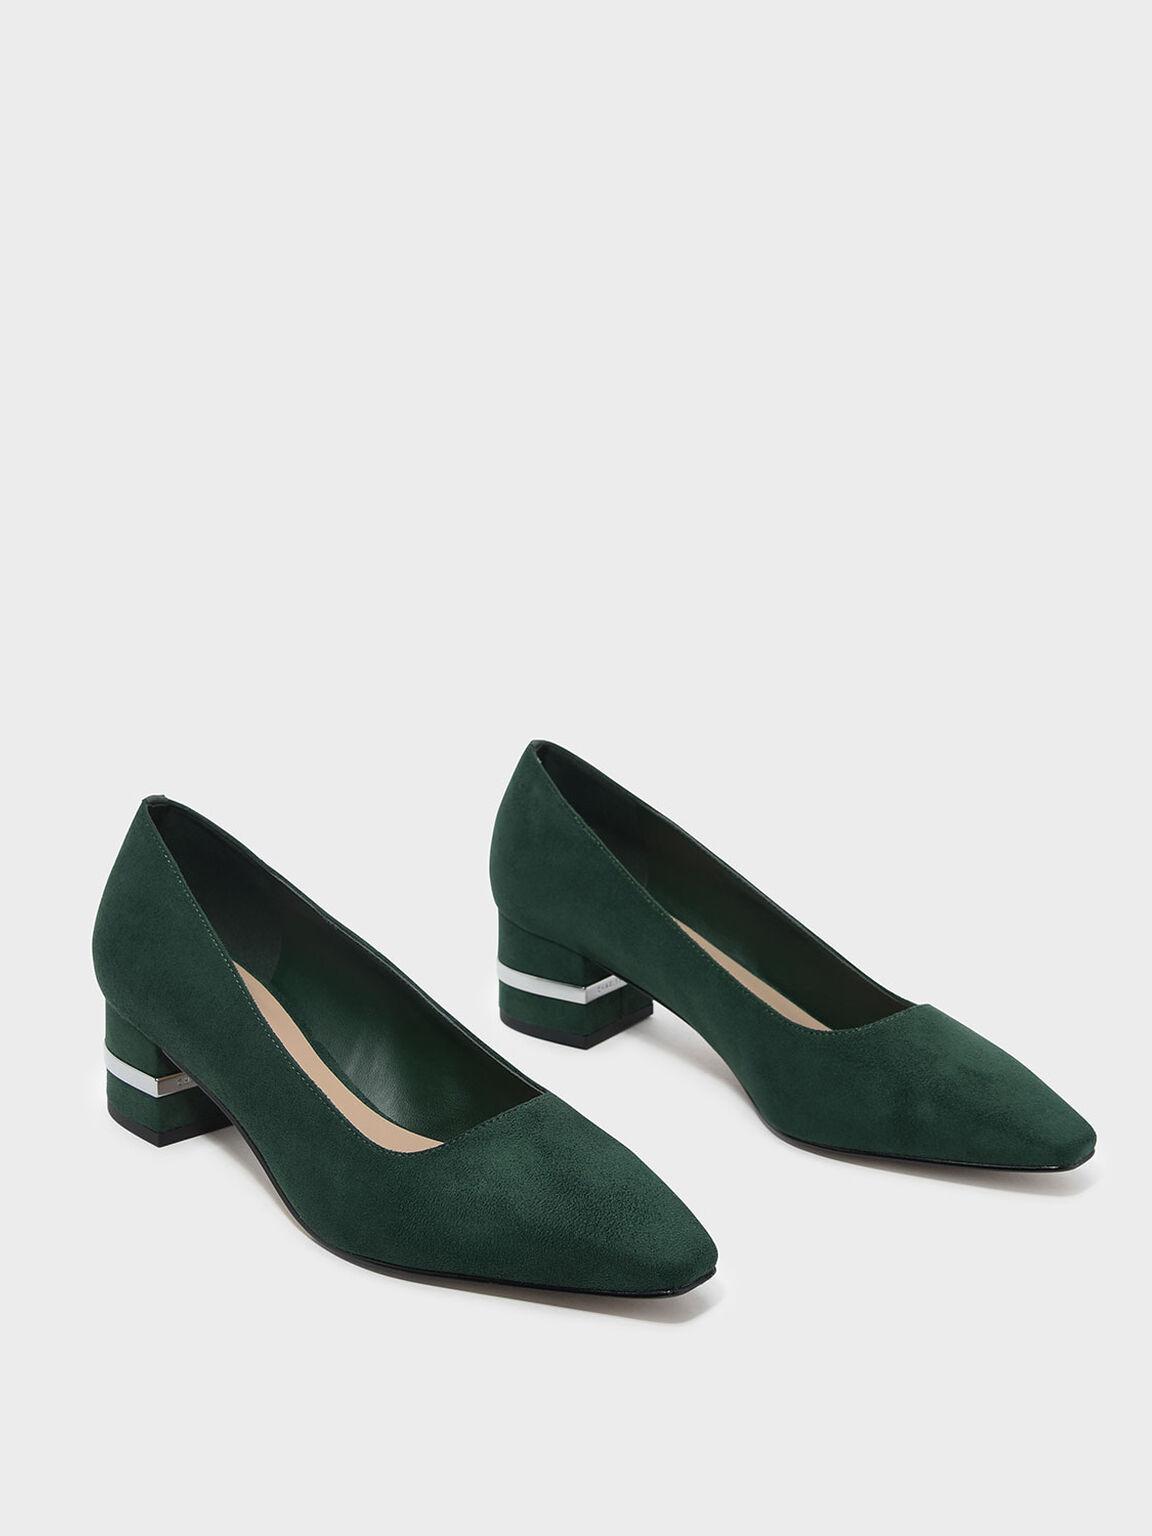 Metallic Accent Heel Pumps, Dark Green, hi-res